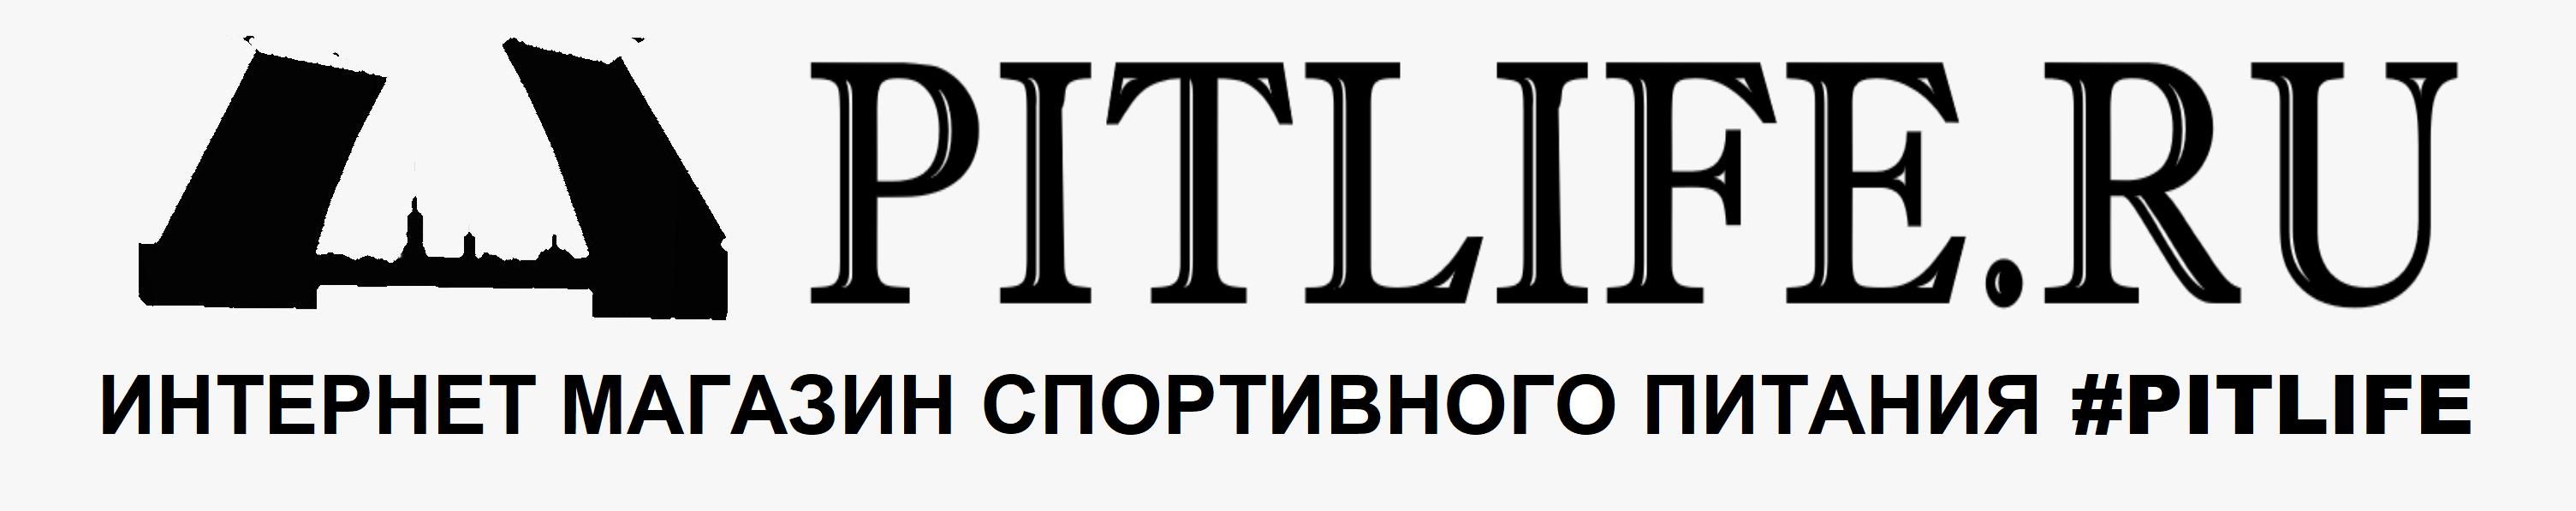 Интернет магазин спортивного питания PITLIFE- купить спорт питание в Спб по низкой цене.